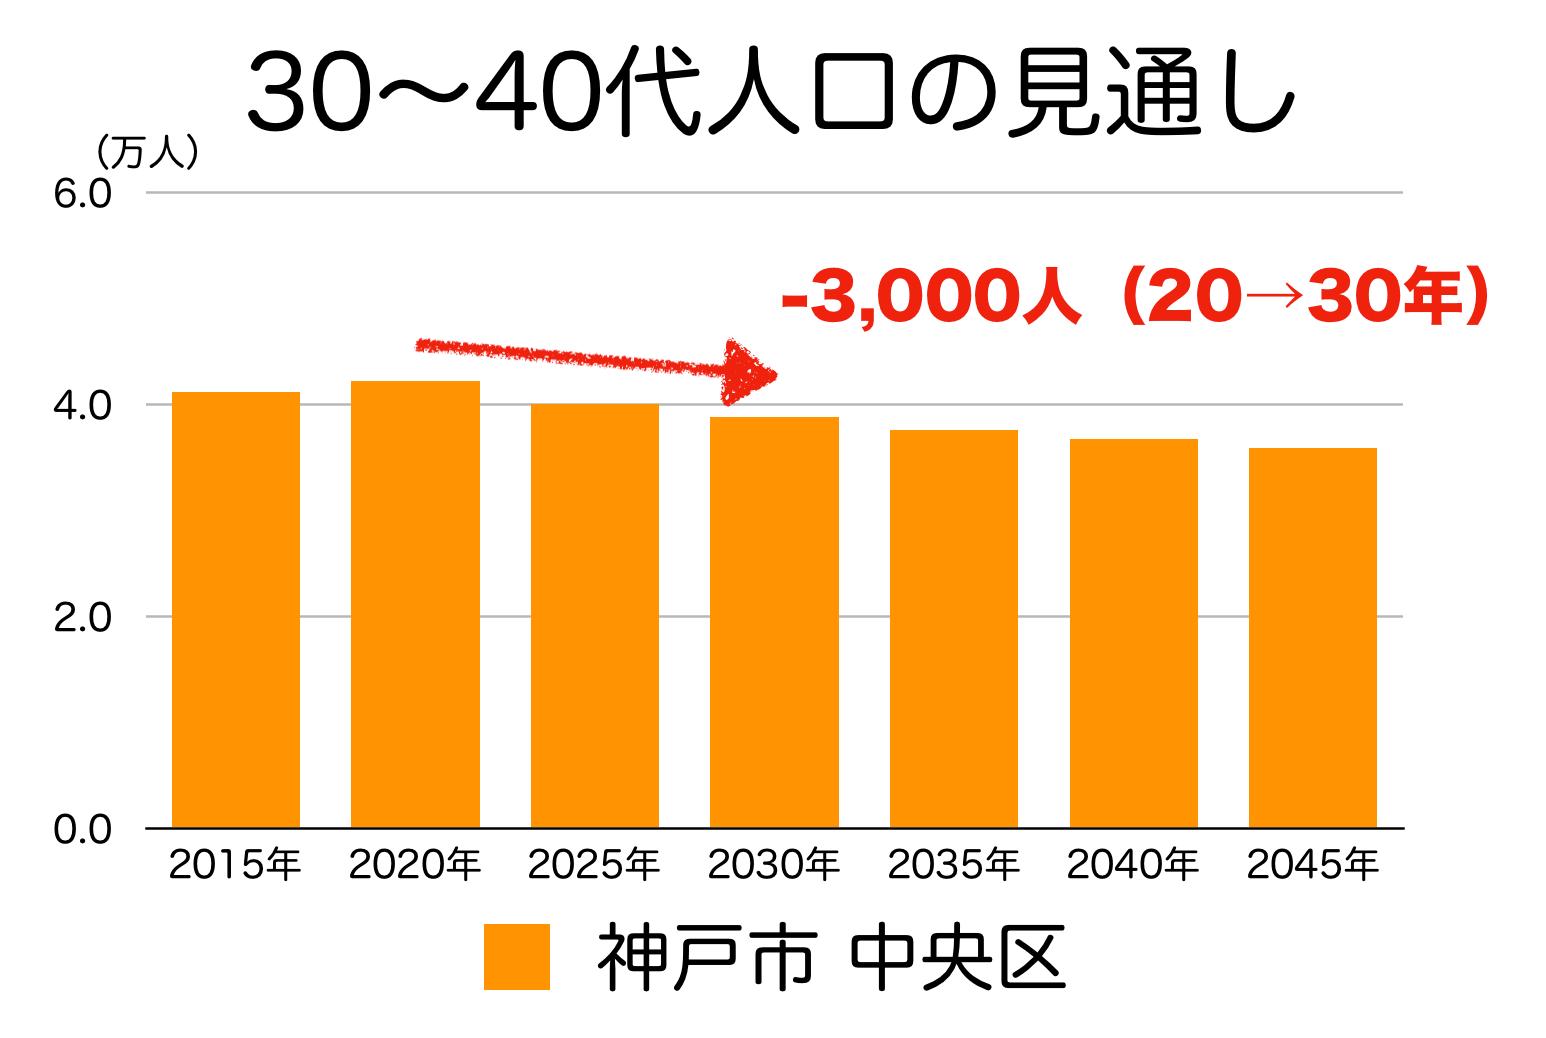 神戸市中央区の30〜40代人口の予測